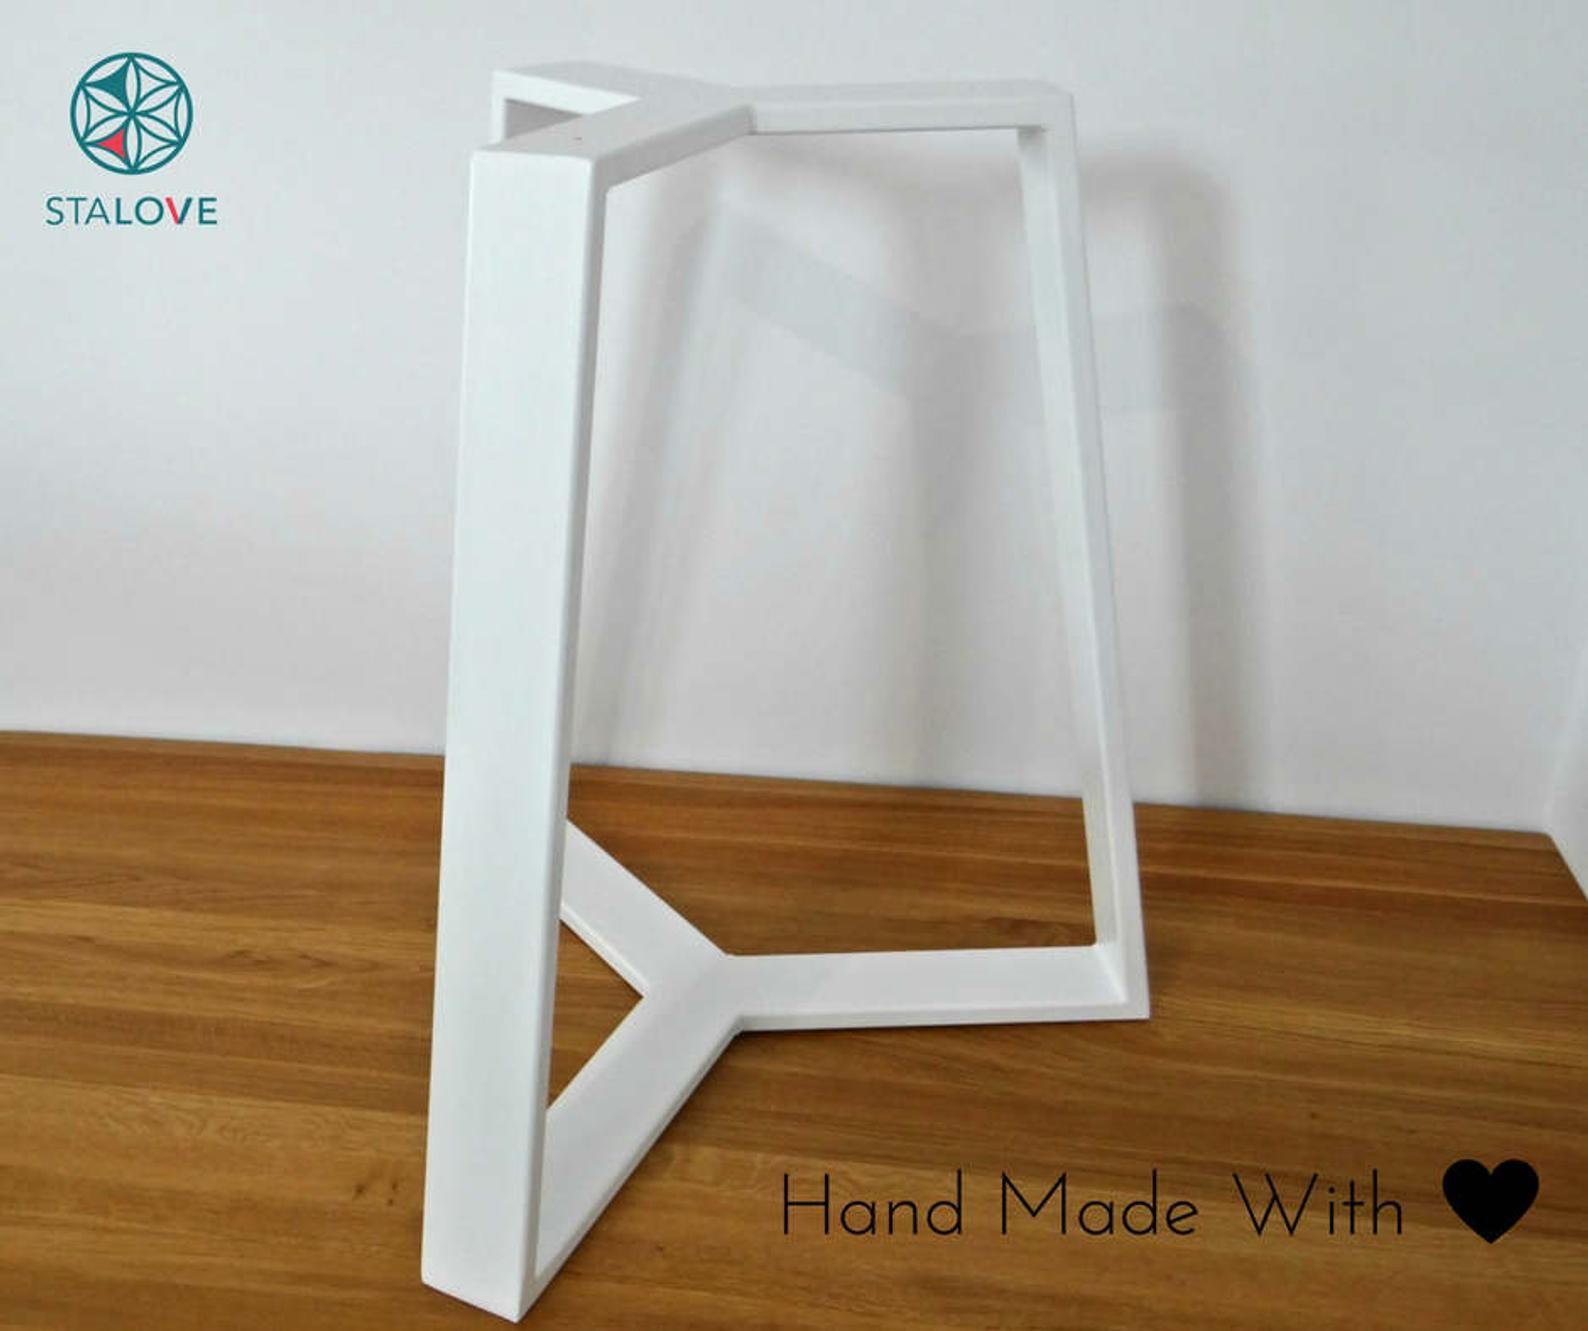 Metall Tischbeine Fur Runden Tisch Esstisch Beine Stahl Metall